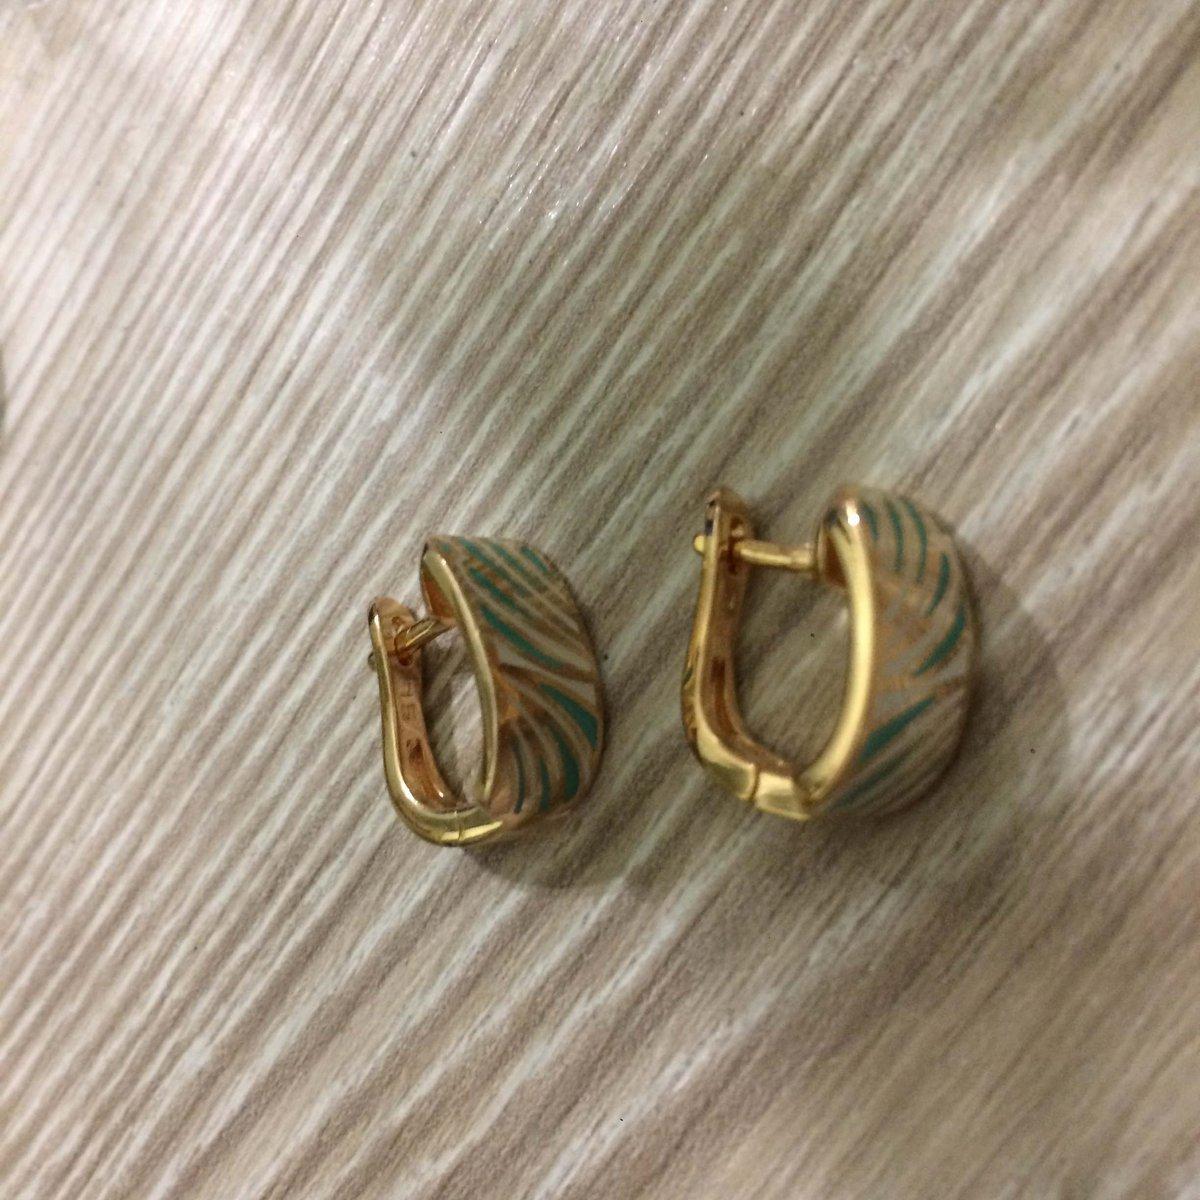 Класические серьги обрамленные бирюзовыми штрихами эмали